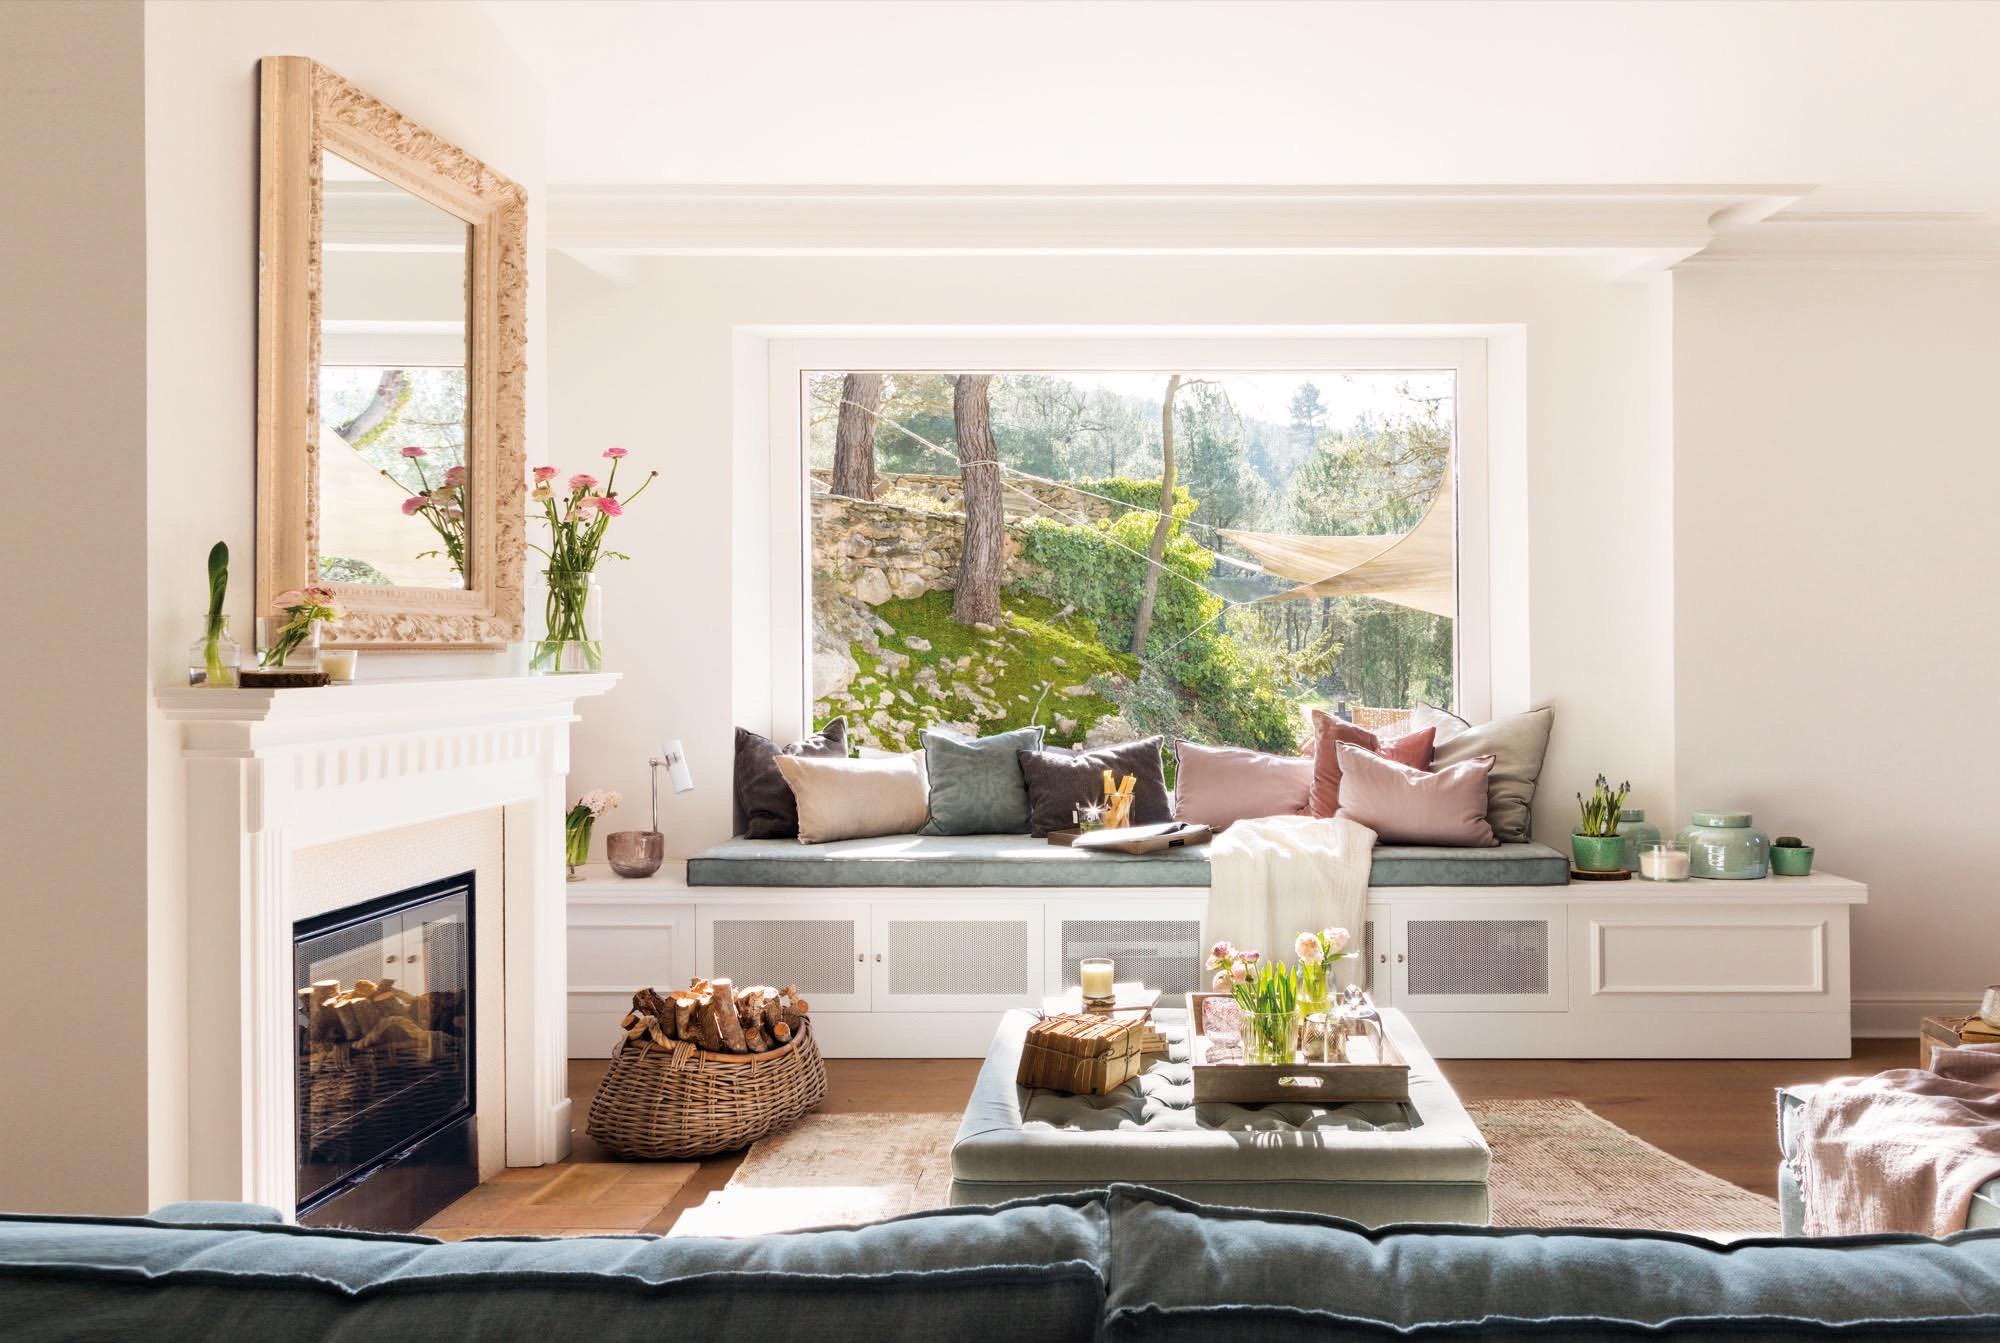 salon en colores claros con una gran ventana y vistas al jardin